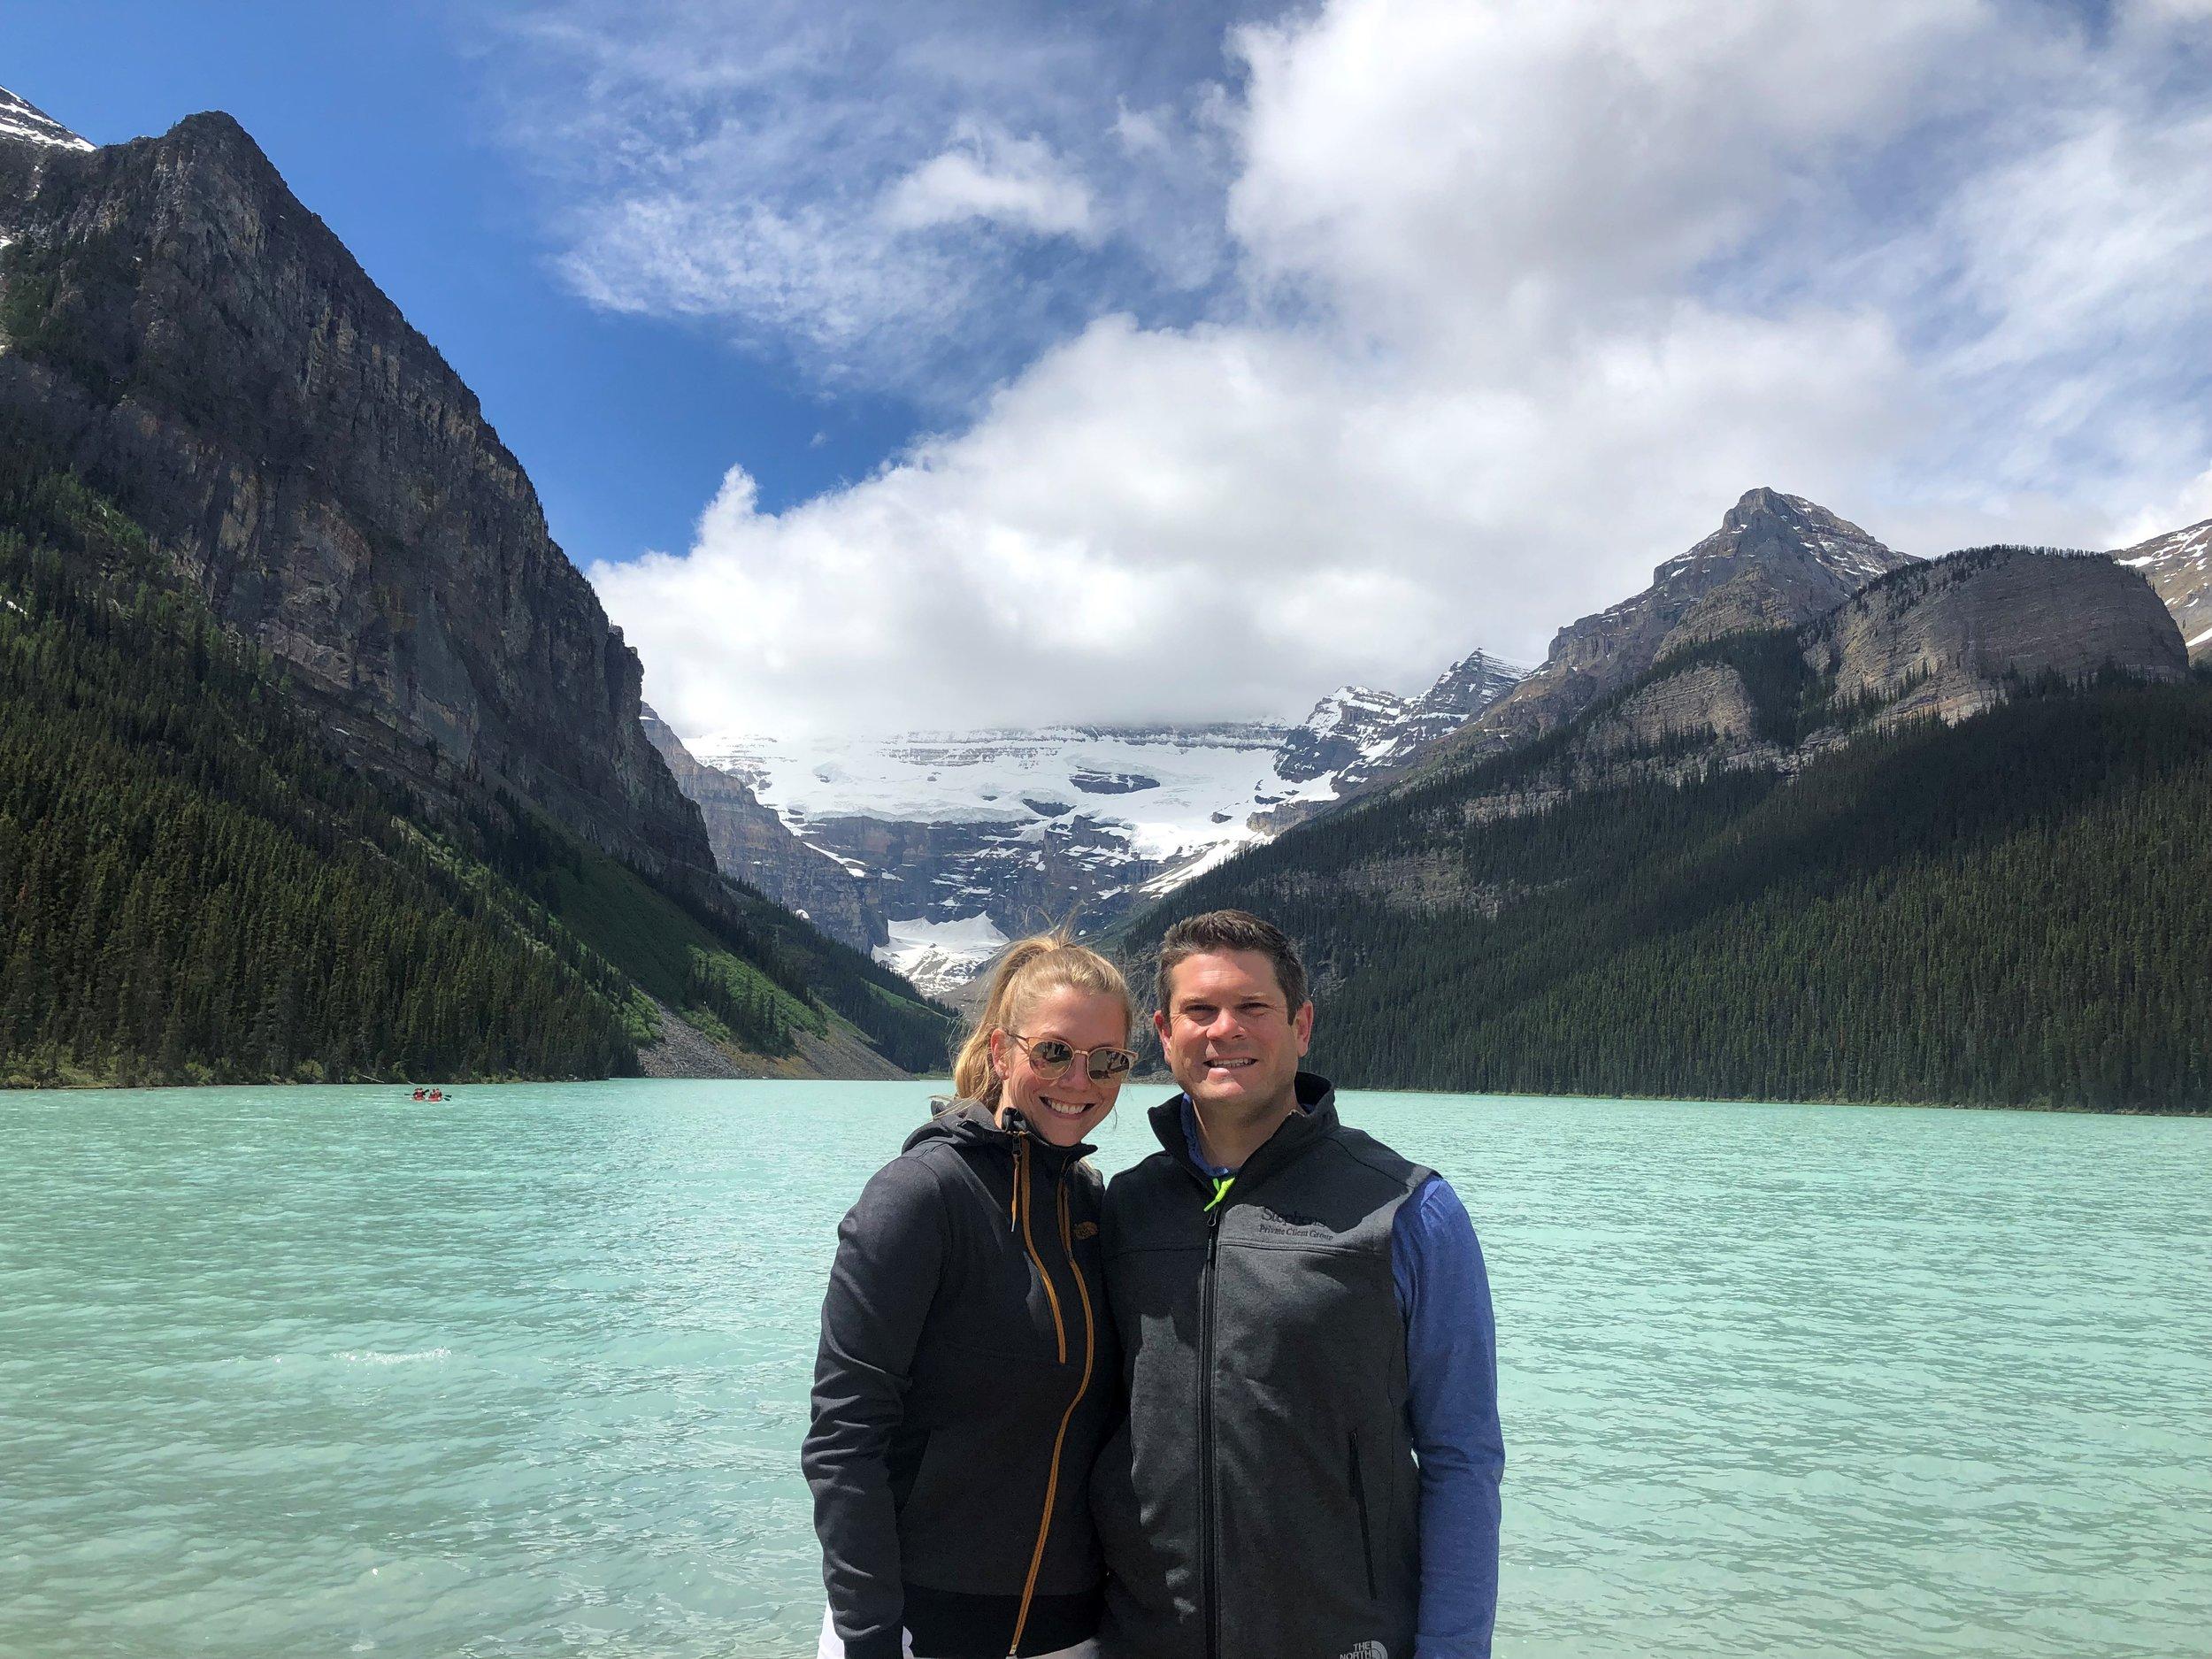 Beth & Charlie at Lake Louise.